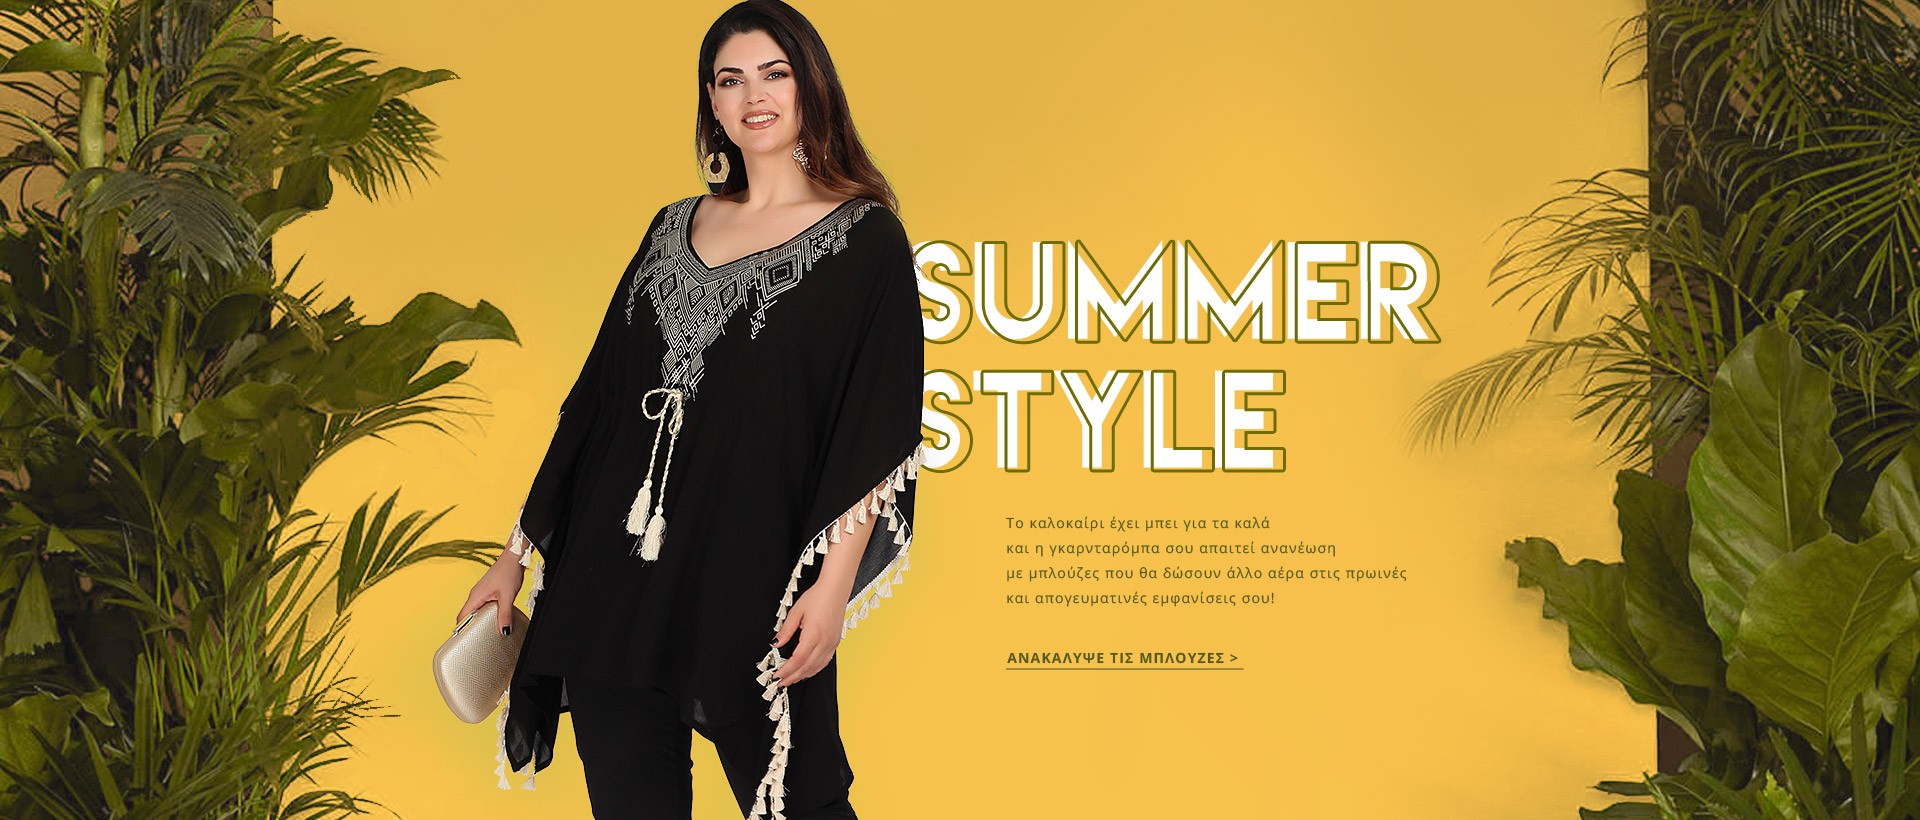 80cf98985c7 Dina | Γυναικεία Ρούχα σε Μεγάλα Μεγέθη